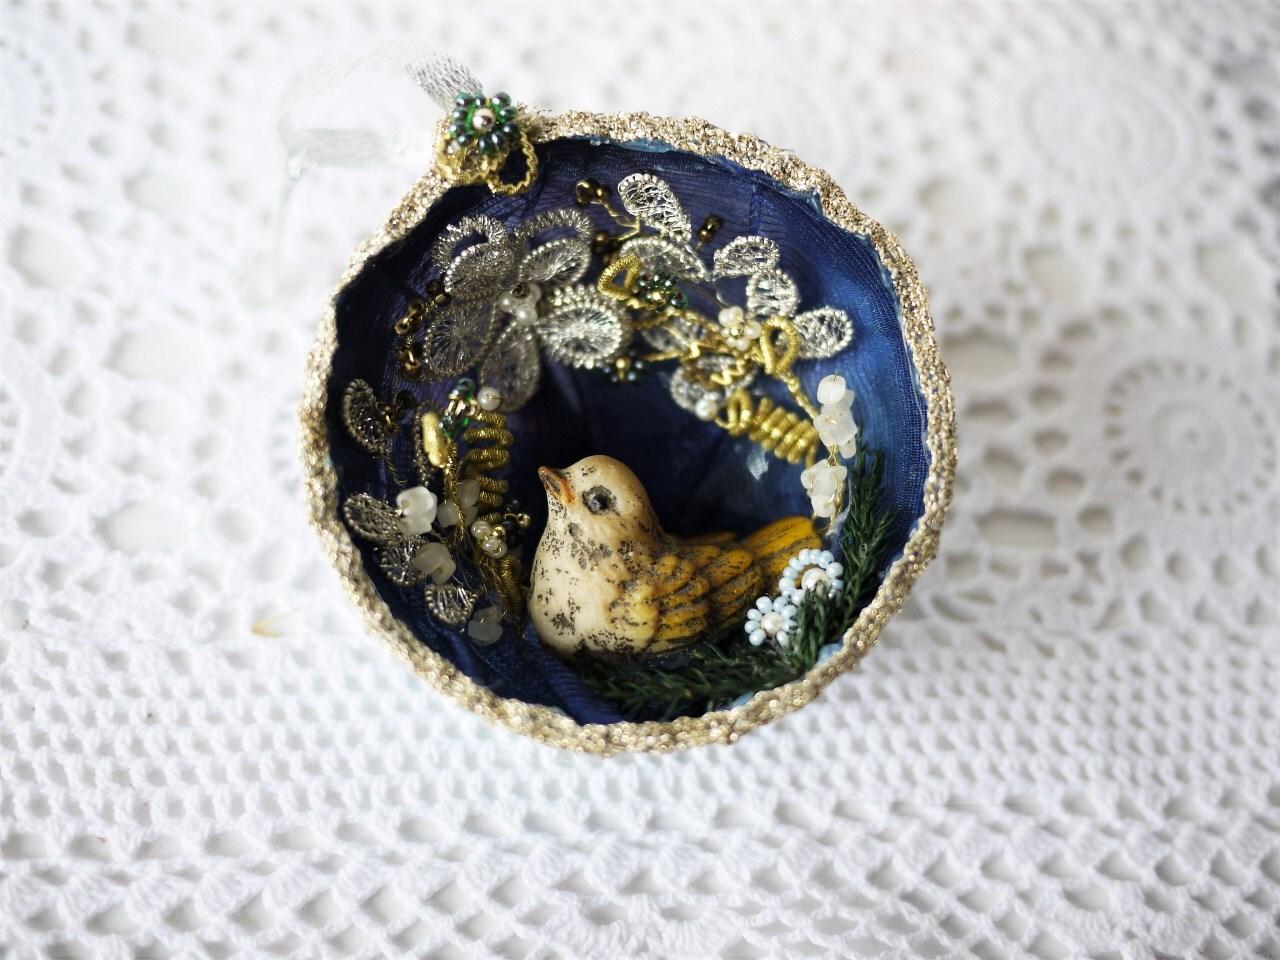 小鳥のオーナメント 群青色クーゲル  ドイツ